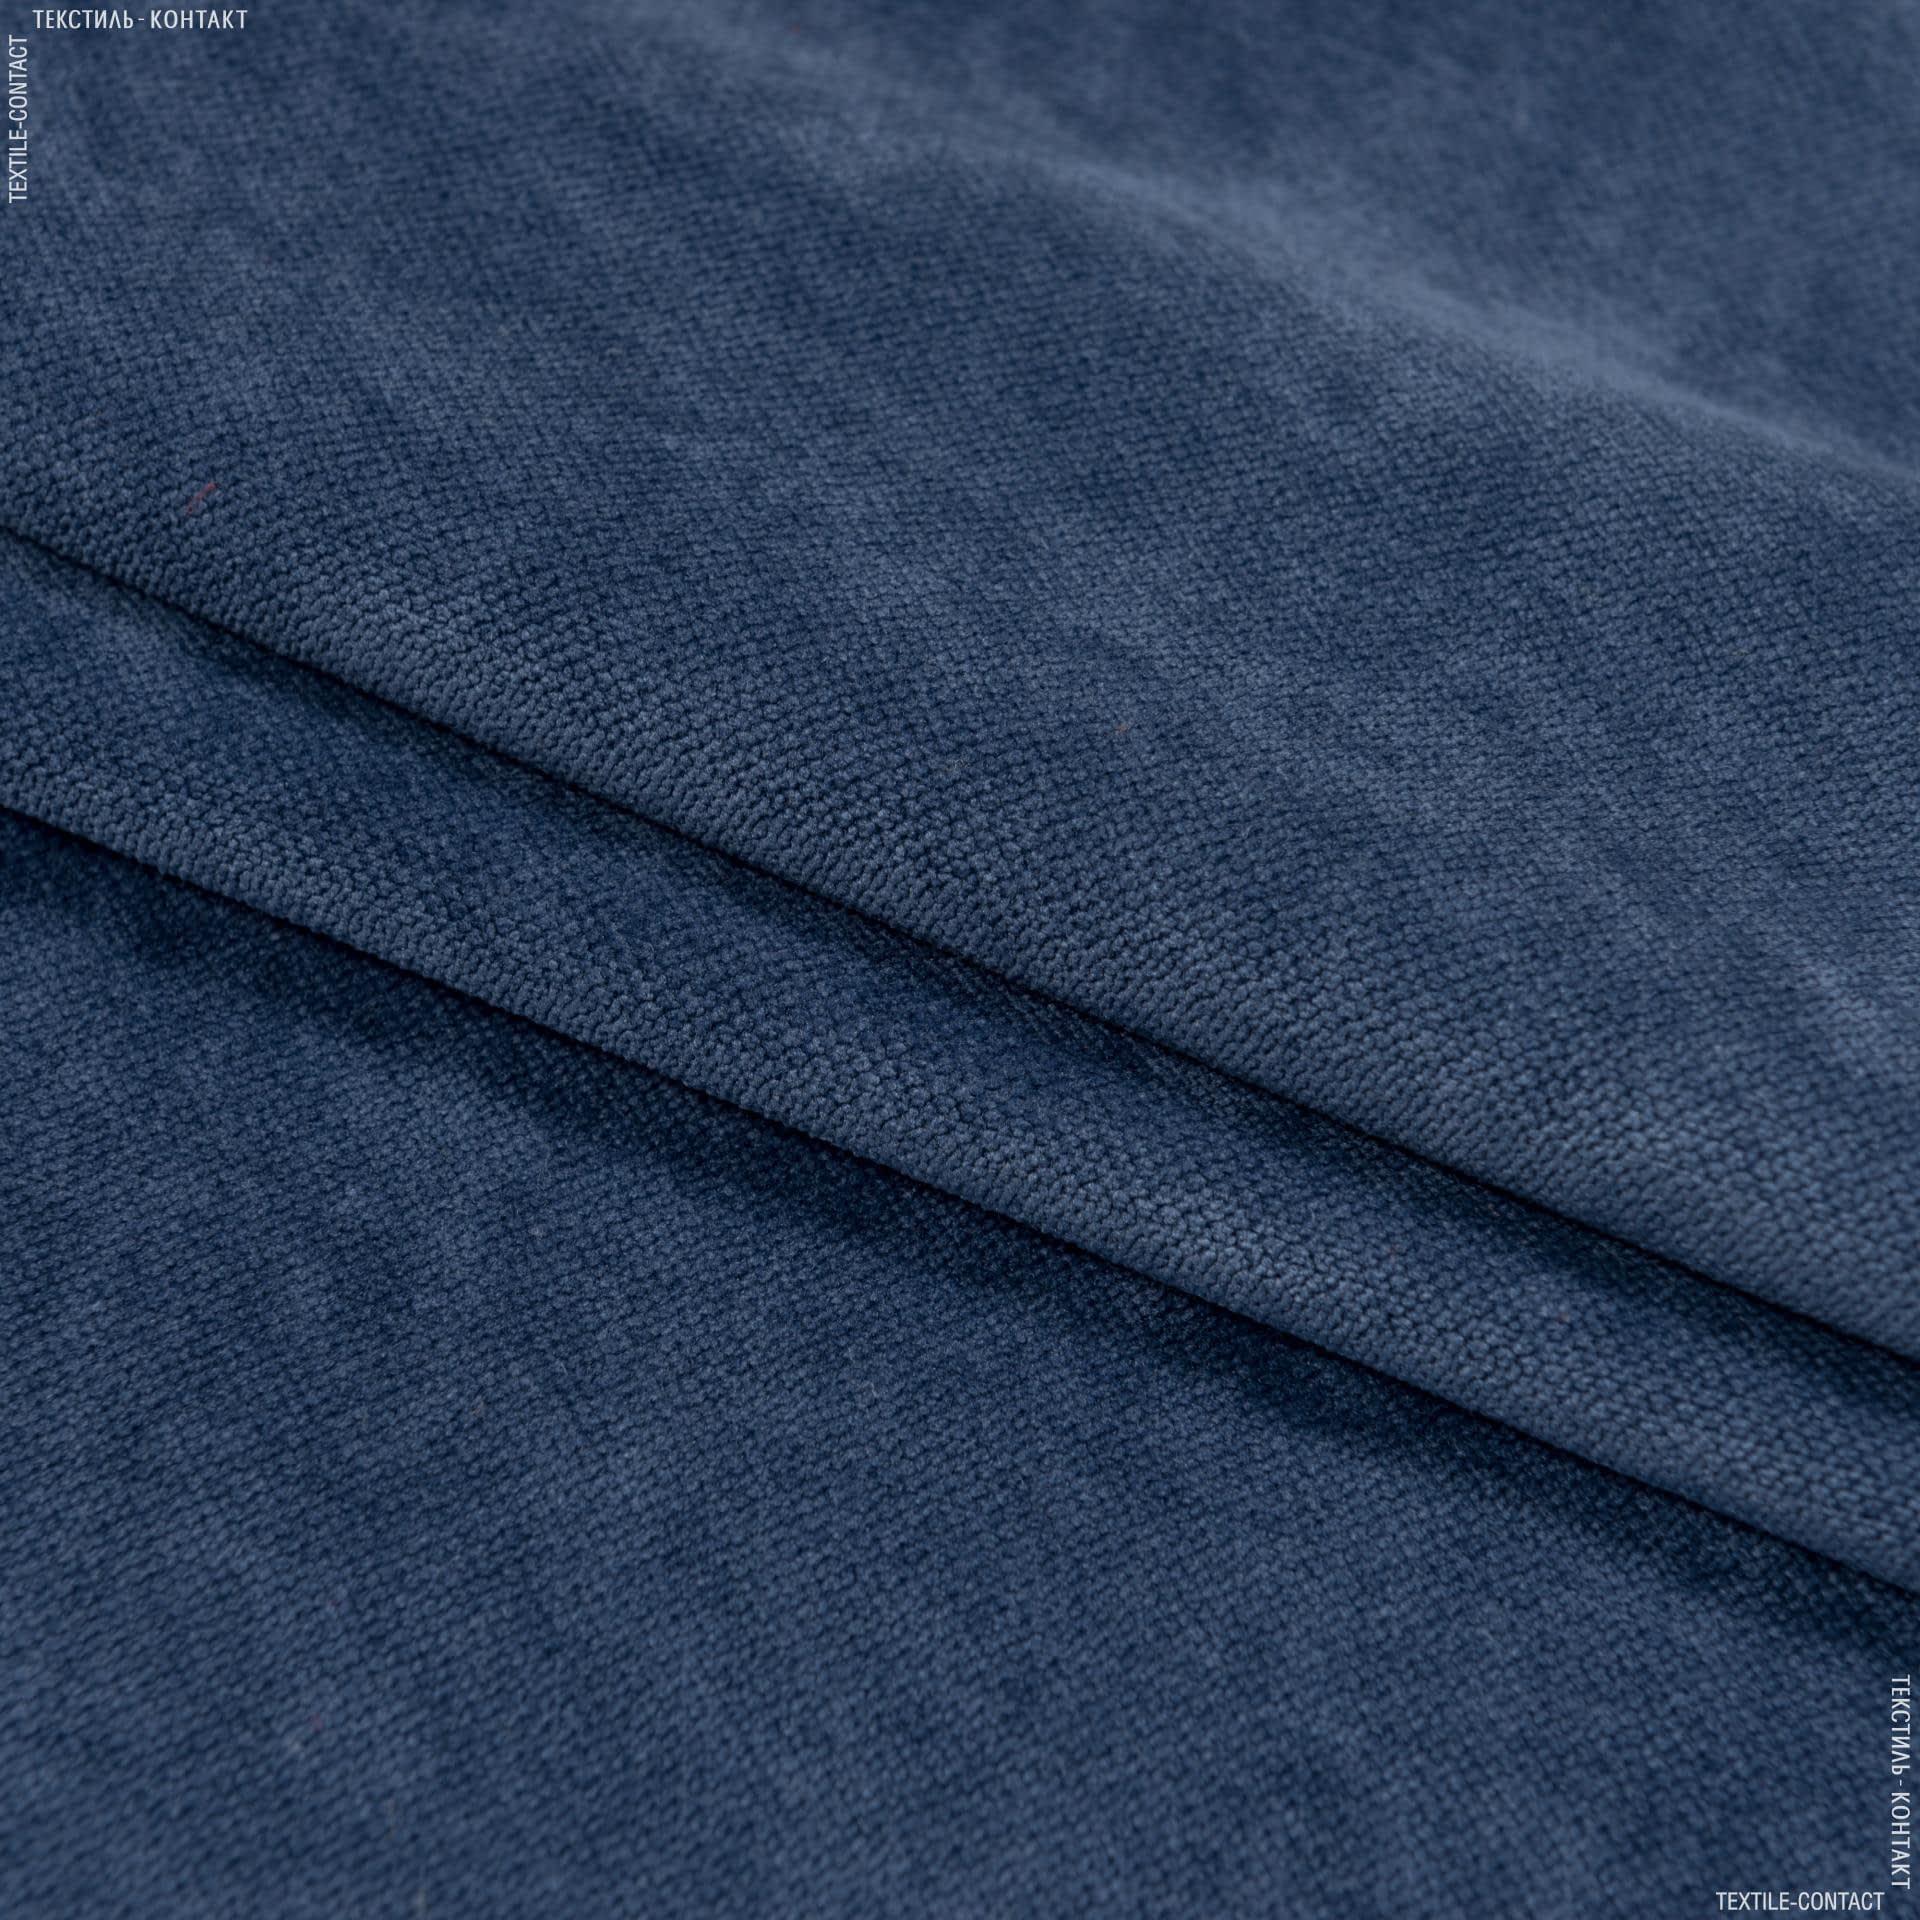 Тканини для меблів - Велюр будапешт/budapest т. блакитний